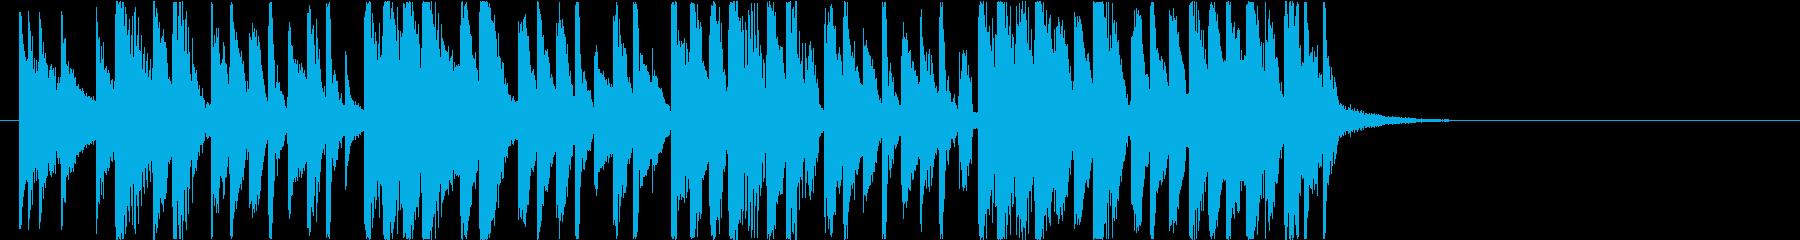 【南国効果音】一緒に行こうの再生済みの波形